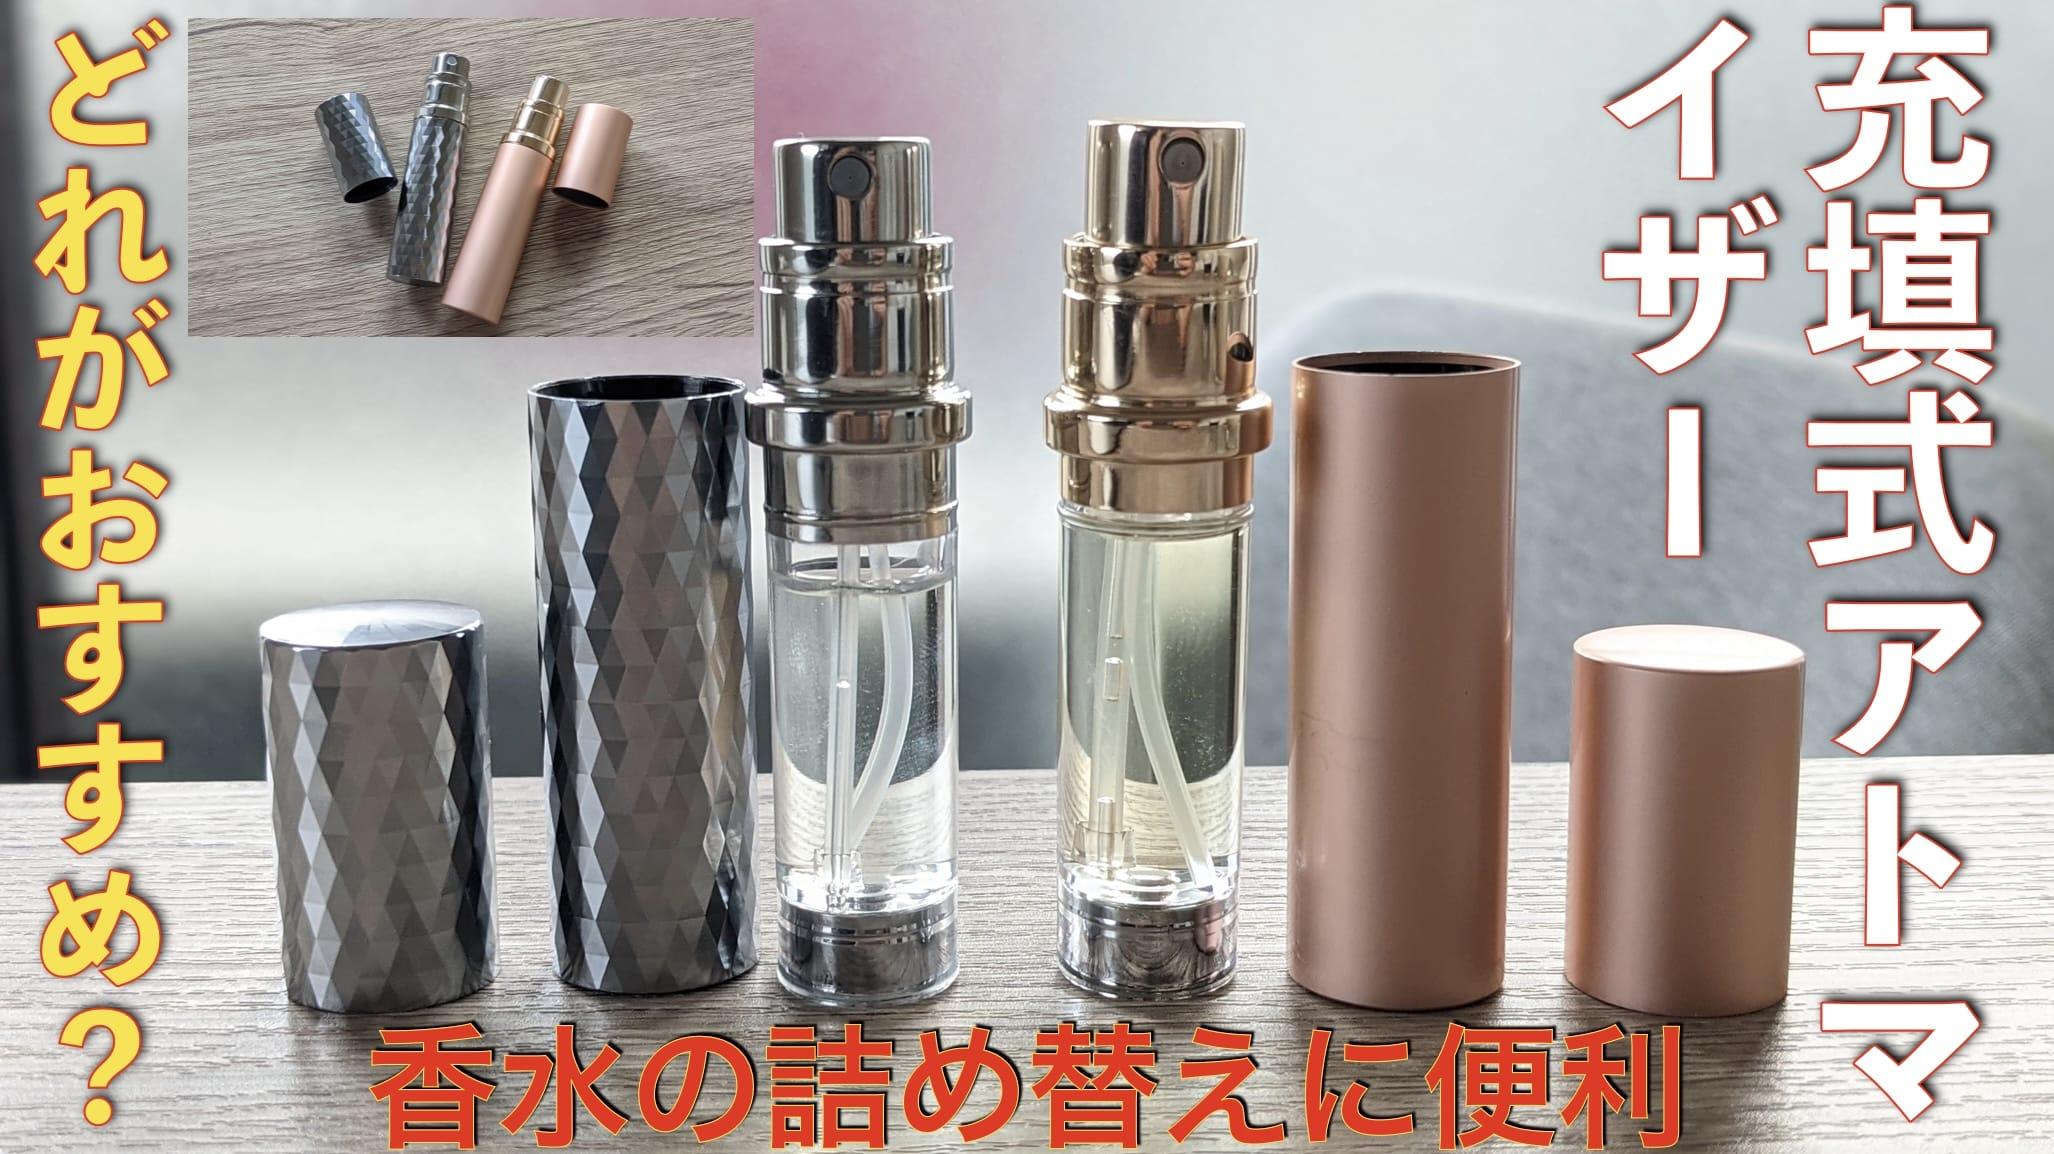 【めっちゃ便利】充填式香水アトマイザーがあればスプレーヘッドを外せない香水も詰め替えできるぞ!サムネイル画像